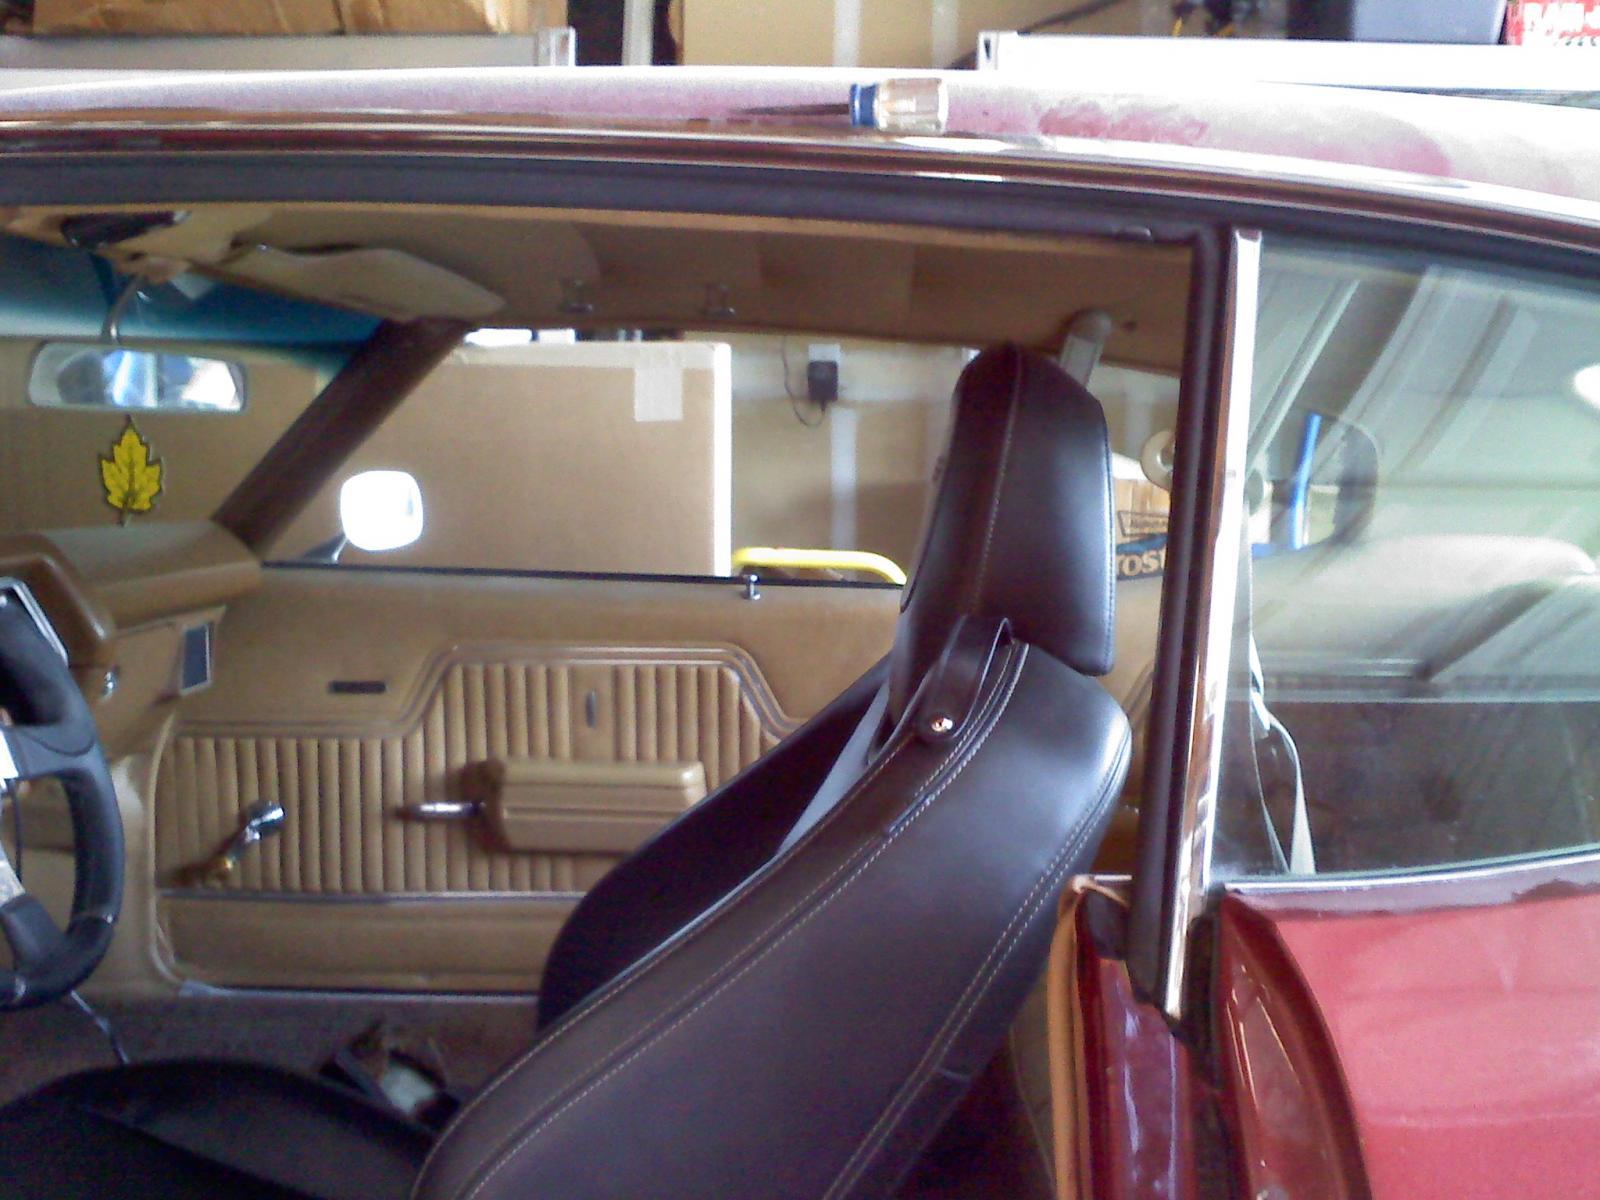 2010 Camaro Interior In 70 Chevelle